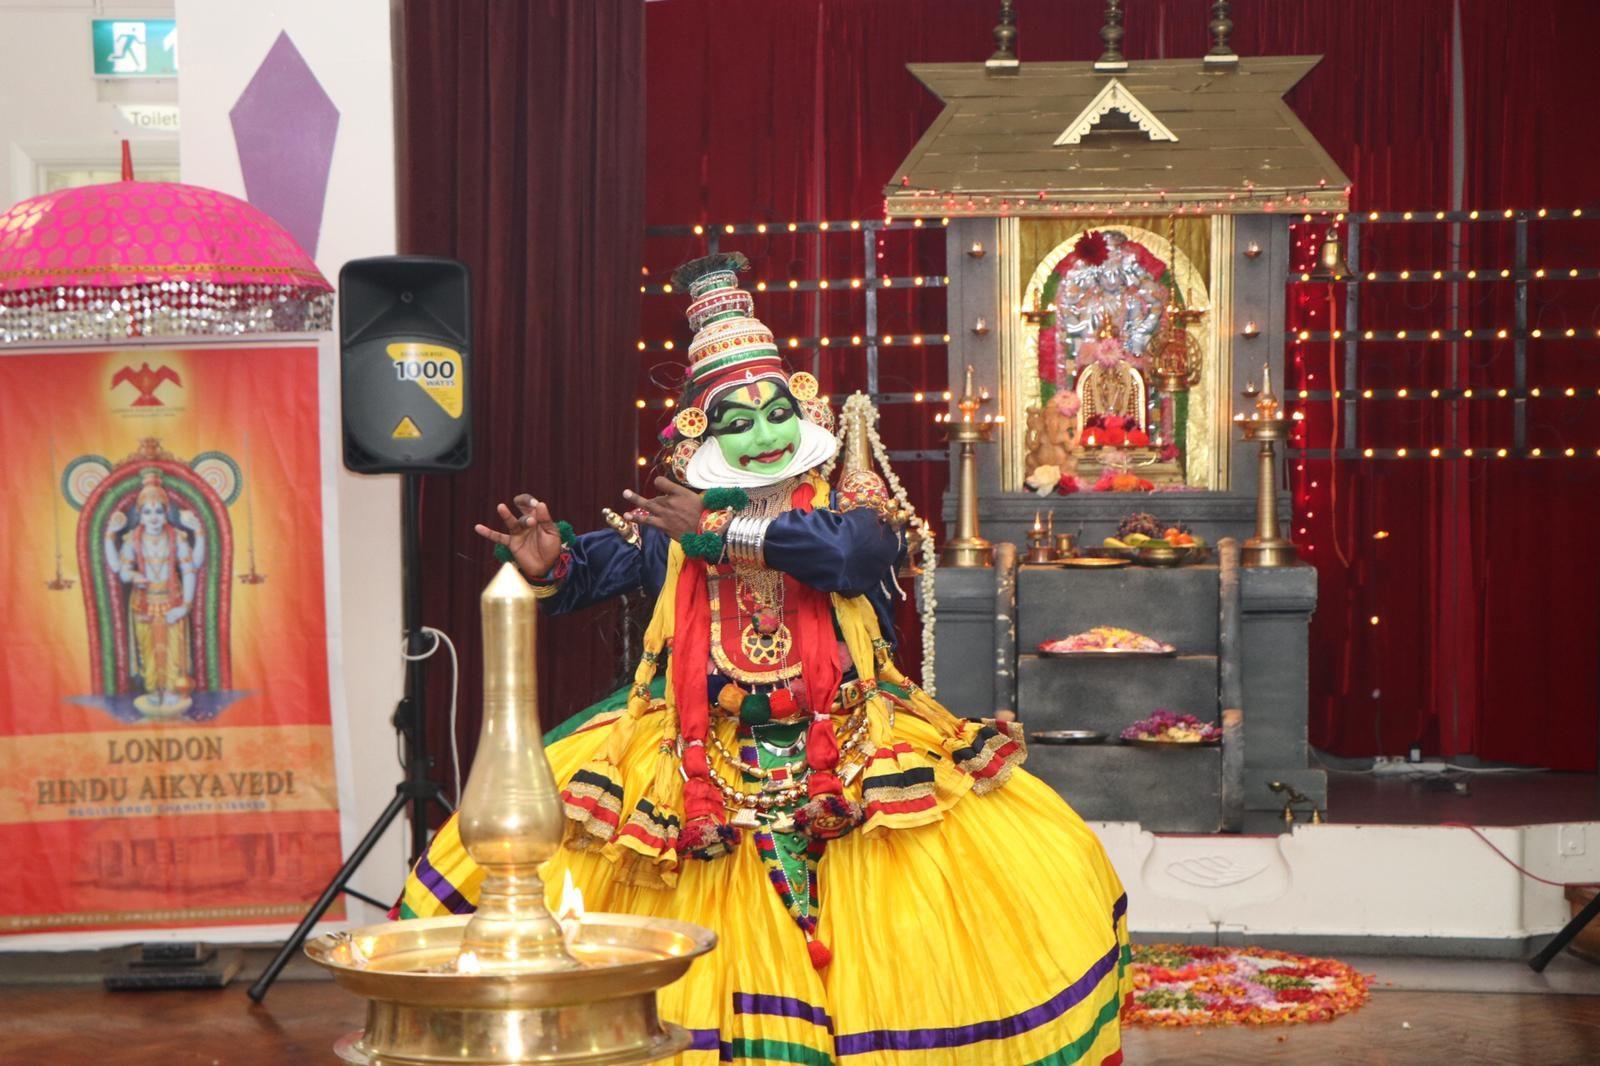 ലണ്ടൻ ഹിന്ദു ഐക്യവേദിയുടെ ഈവർഷത്തെ ഓണാഘോഷം അവിസ്മരണീയമായി .